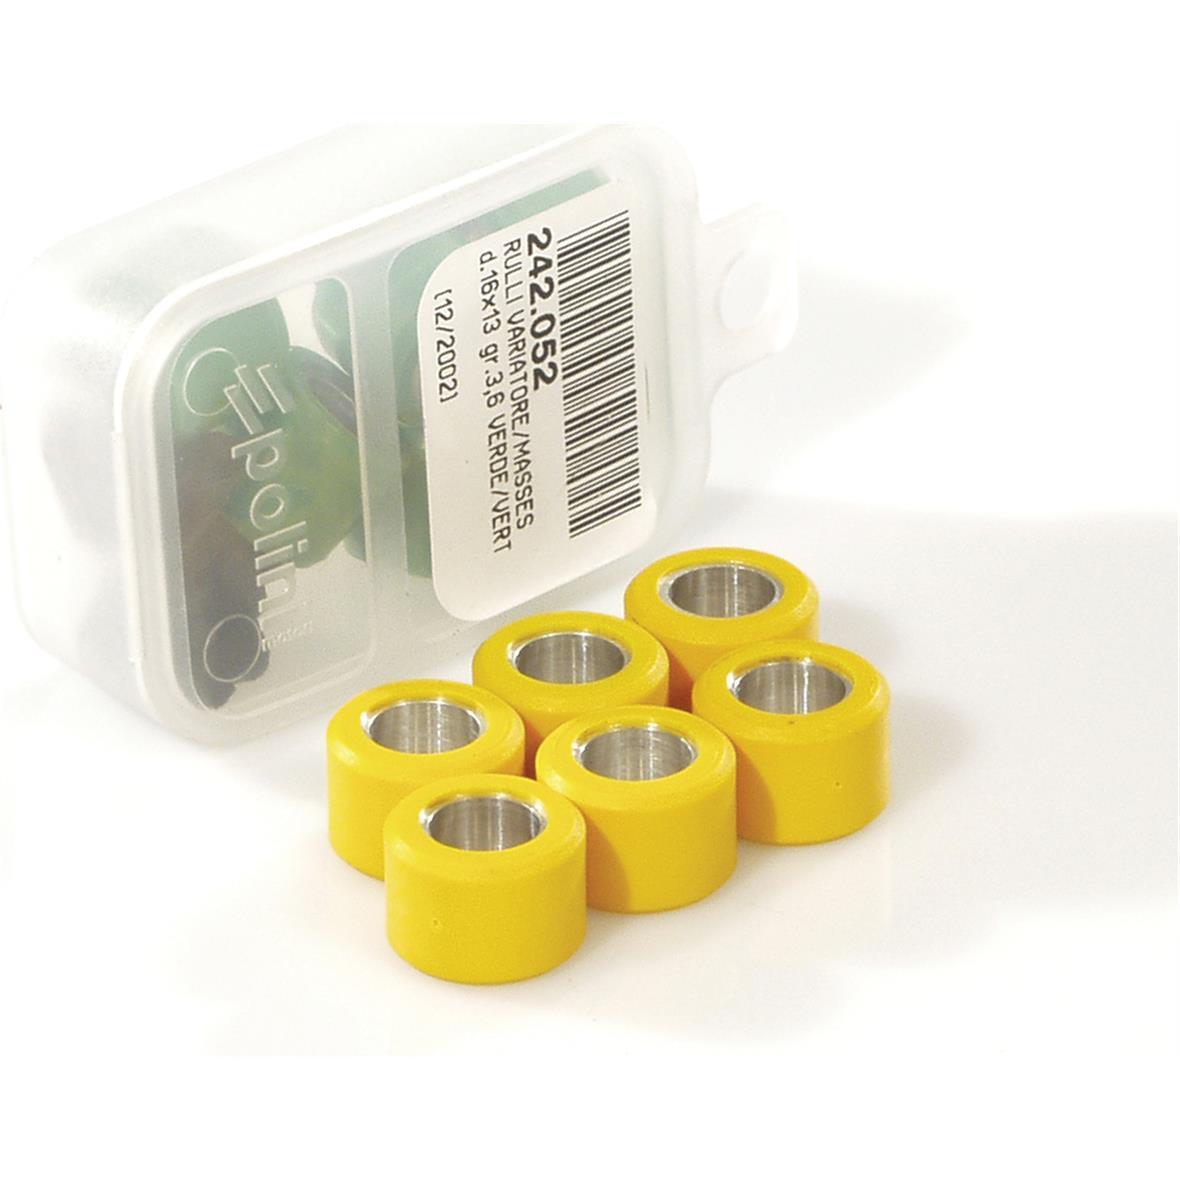 Εικόνα προϊόντος για 'Ράουλα Βαριατόρ POLINI 17x12 mm 3,2 γραμμάριοTitle'